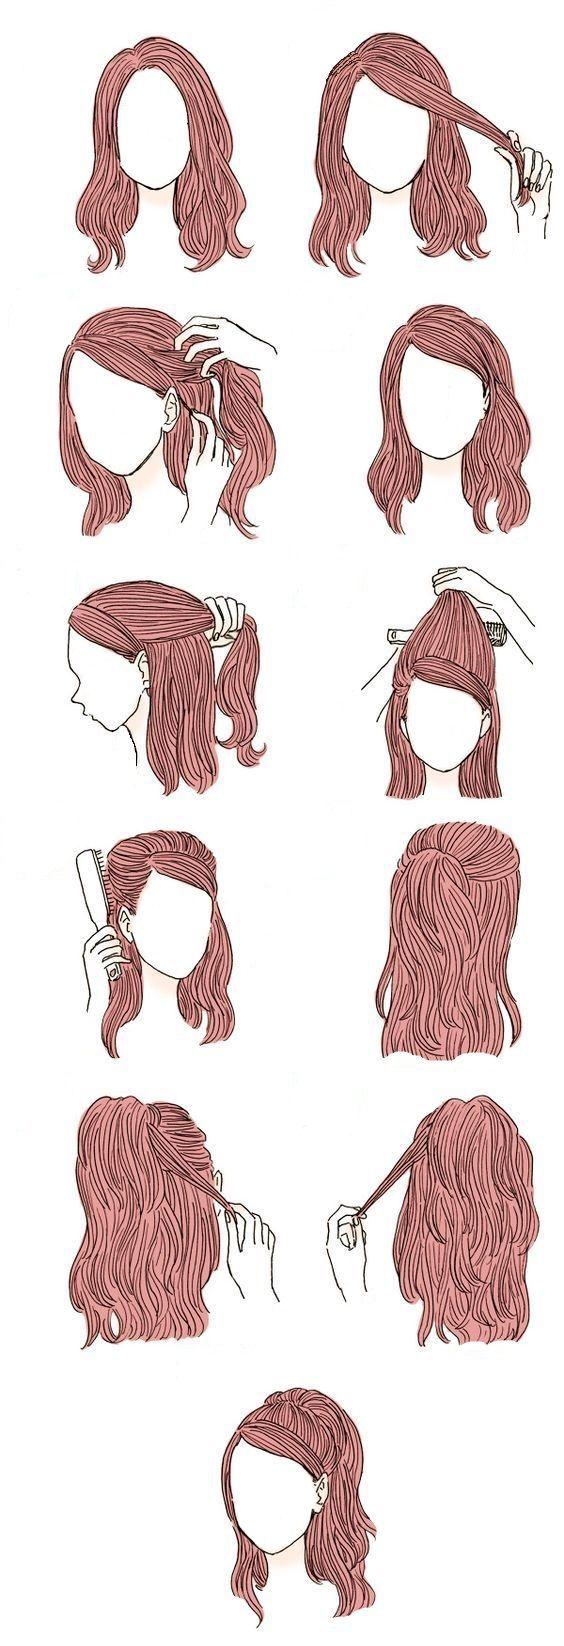 25 Sticken Lernen Fur Anfanger Das Ebook Sticken Stickenlernen Penteados Para Cabelos Longos Penteados Estilosos Cabelo Facil